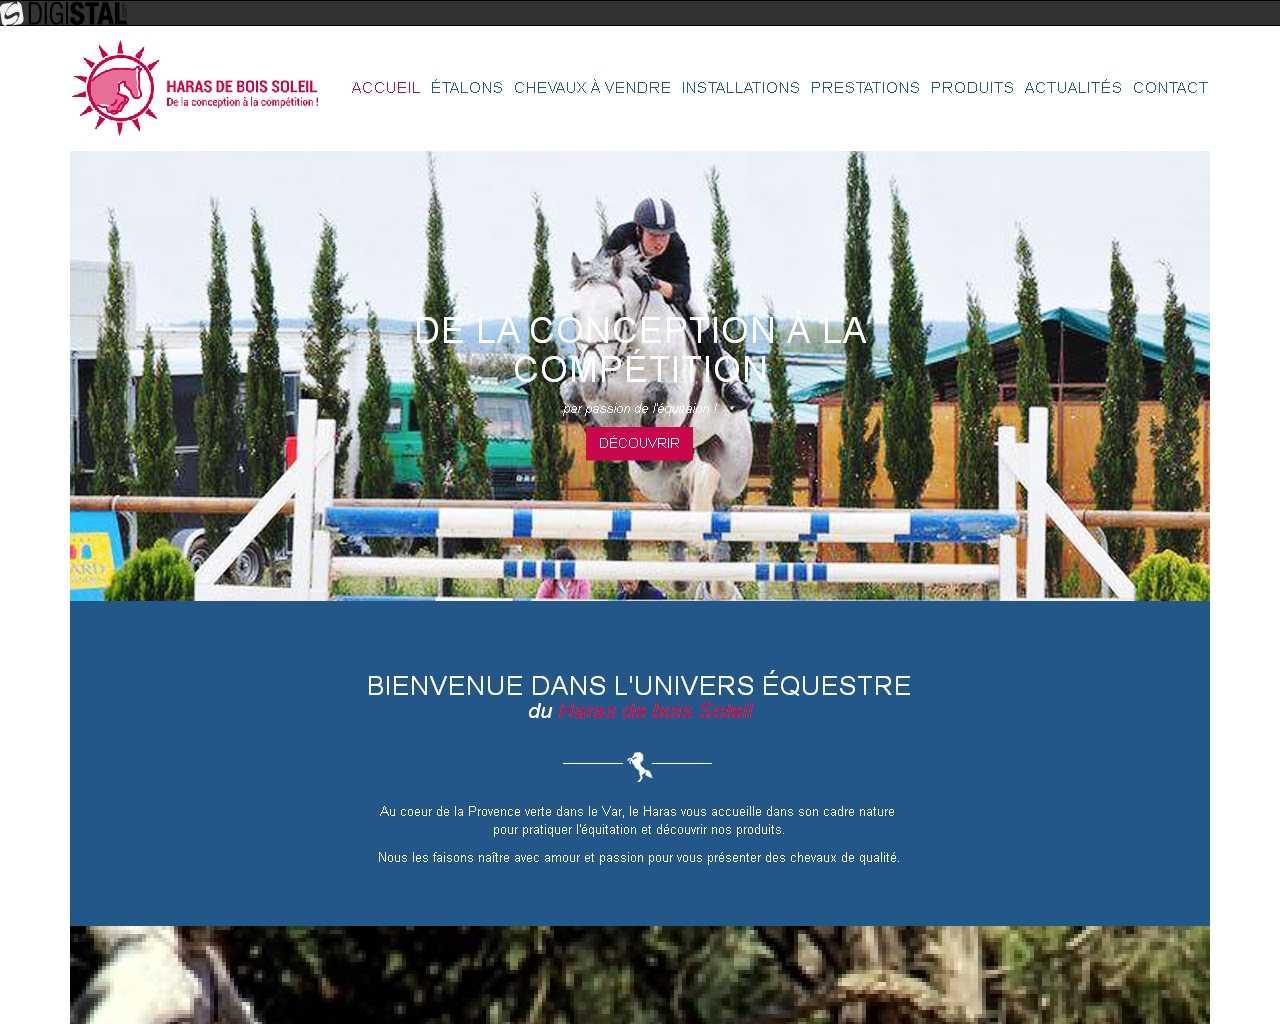 SARL Haras de Bois Soleil un site Dreamclic